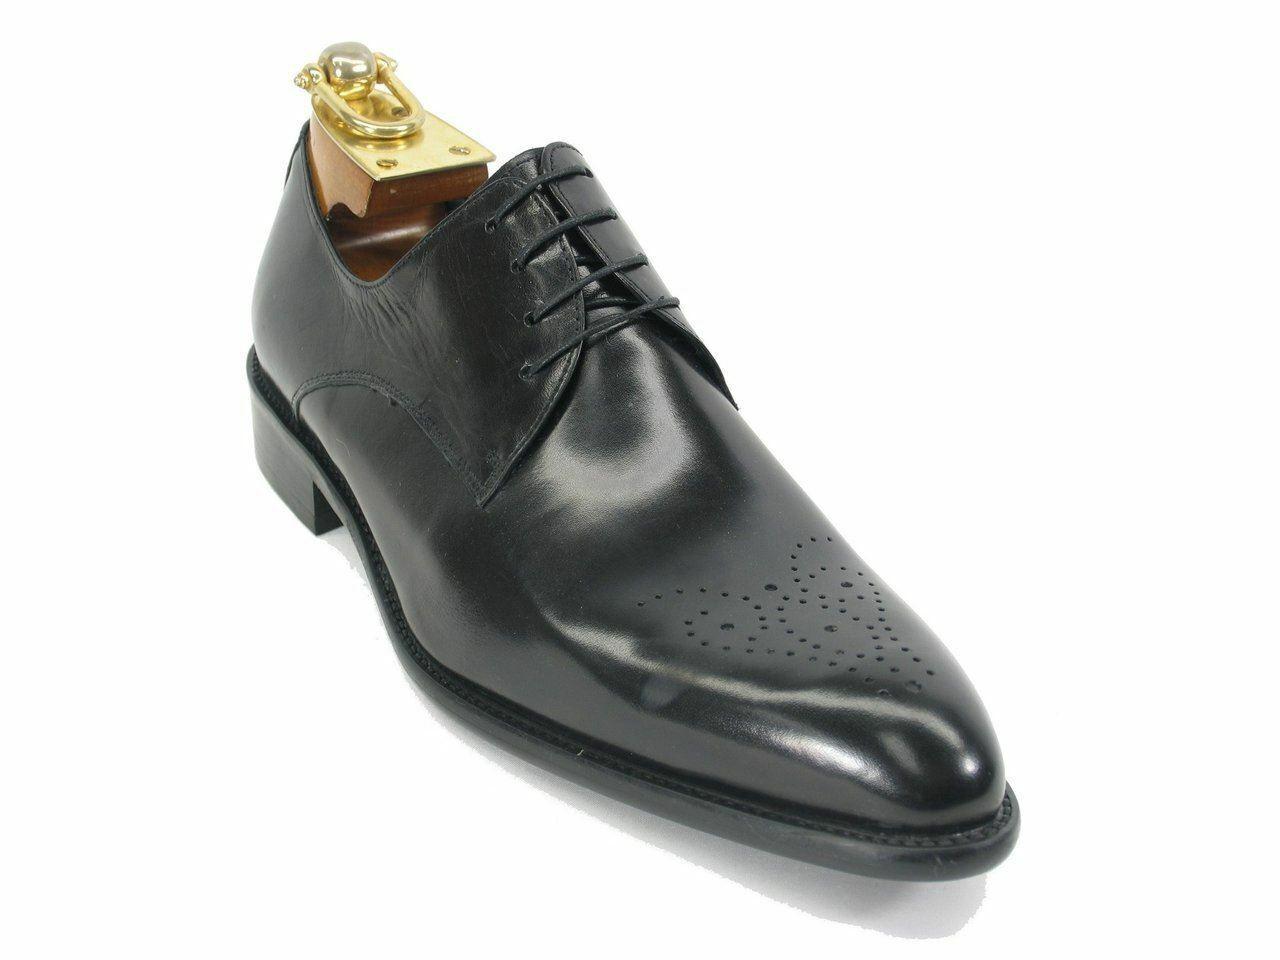 Carrucci Para Hombre De Cuero Con Cordones Oxford Vestido Negro Zapatos KS479-04